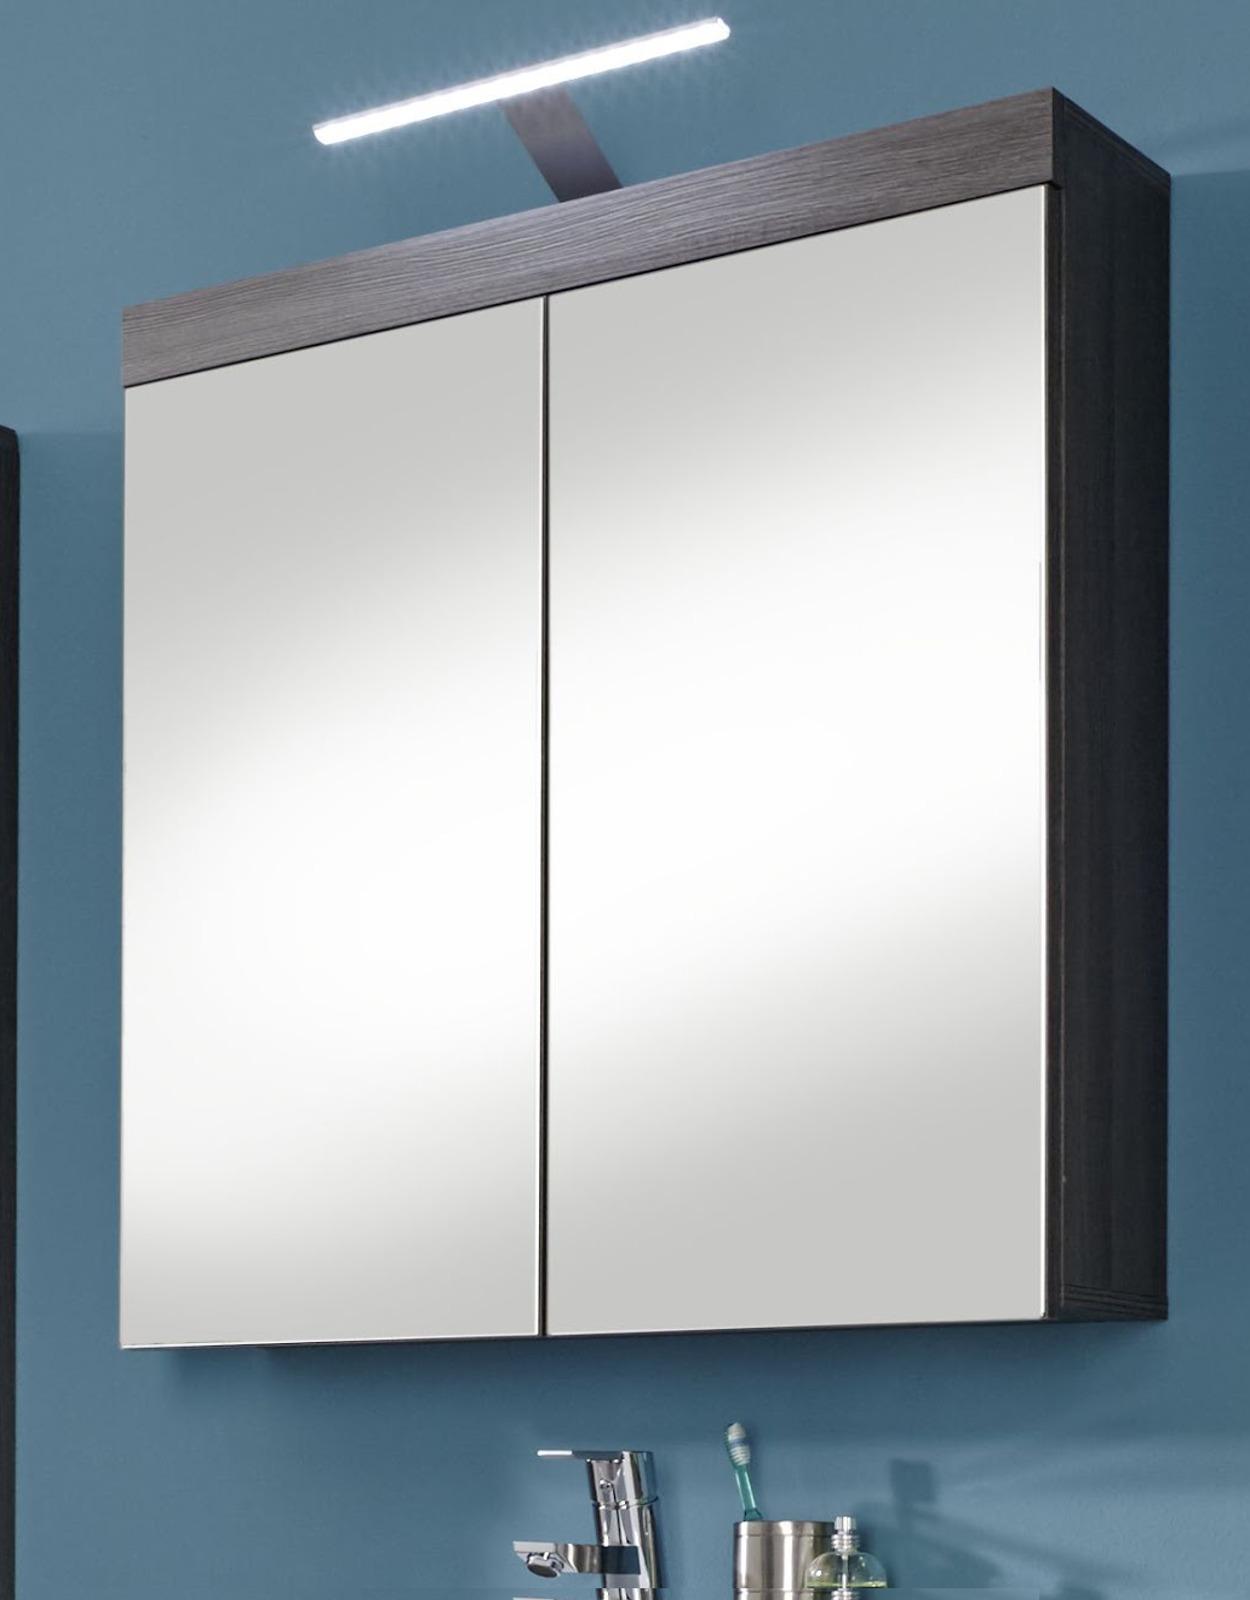 Badezimmerschrank günstig  Badmöbel Miami Silber/Grau günstig online kaufen